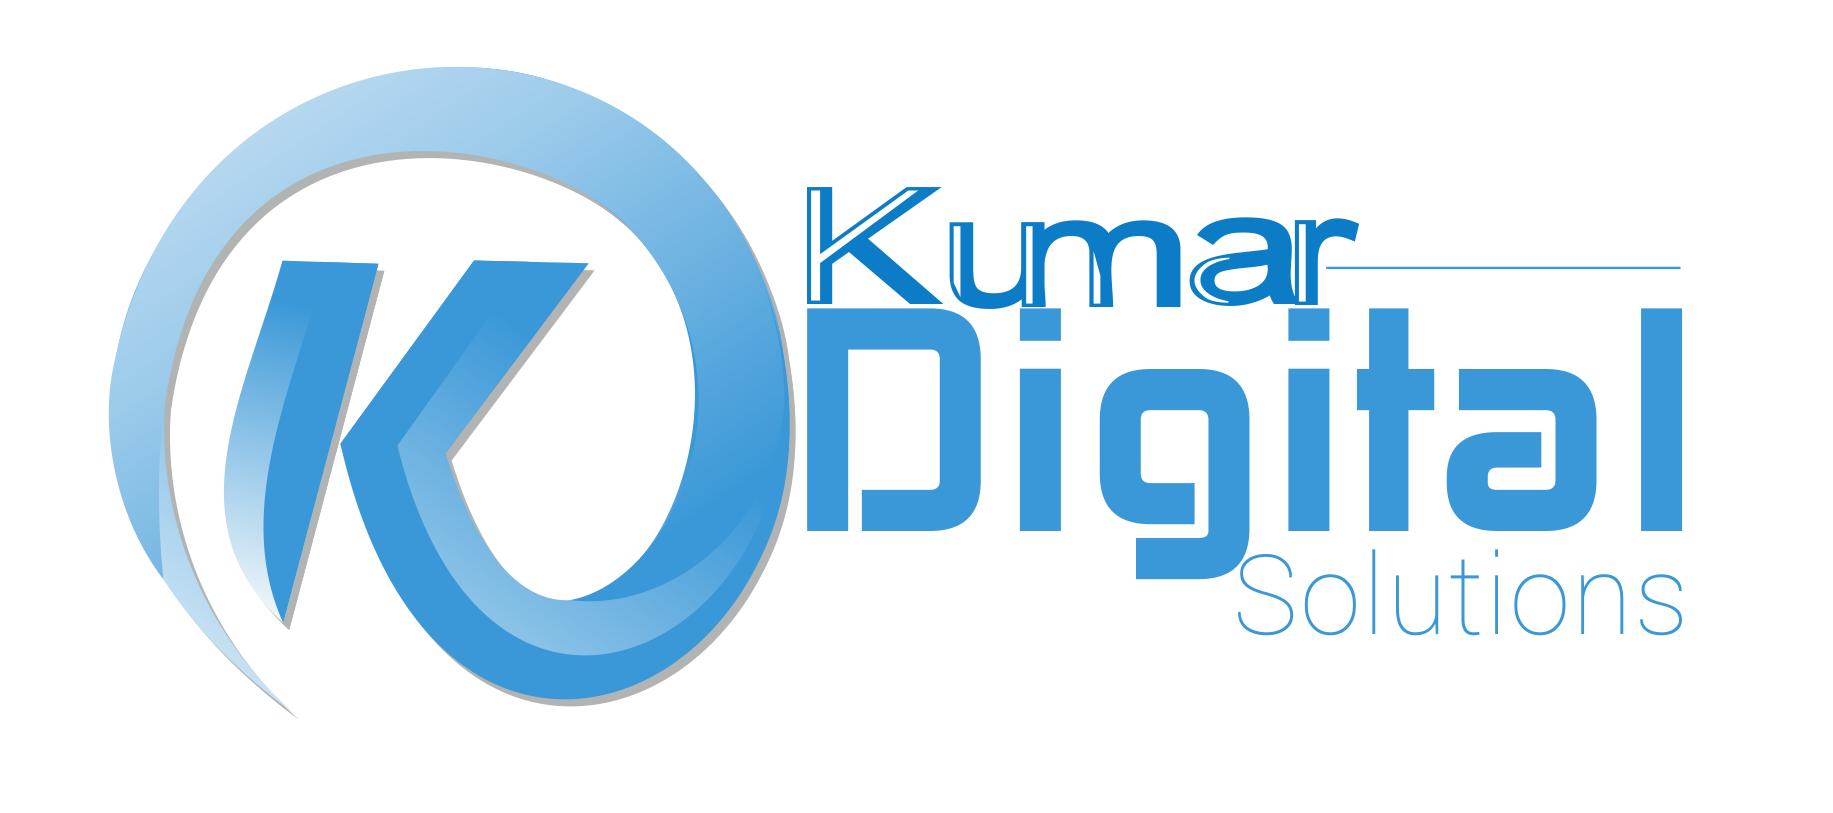 Kumar Digital Solutions